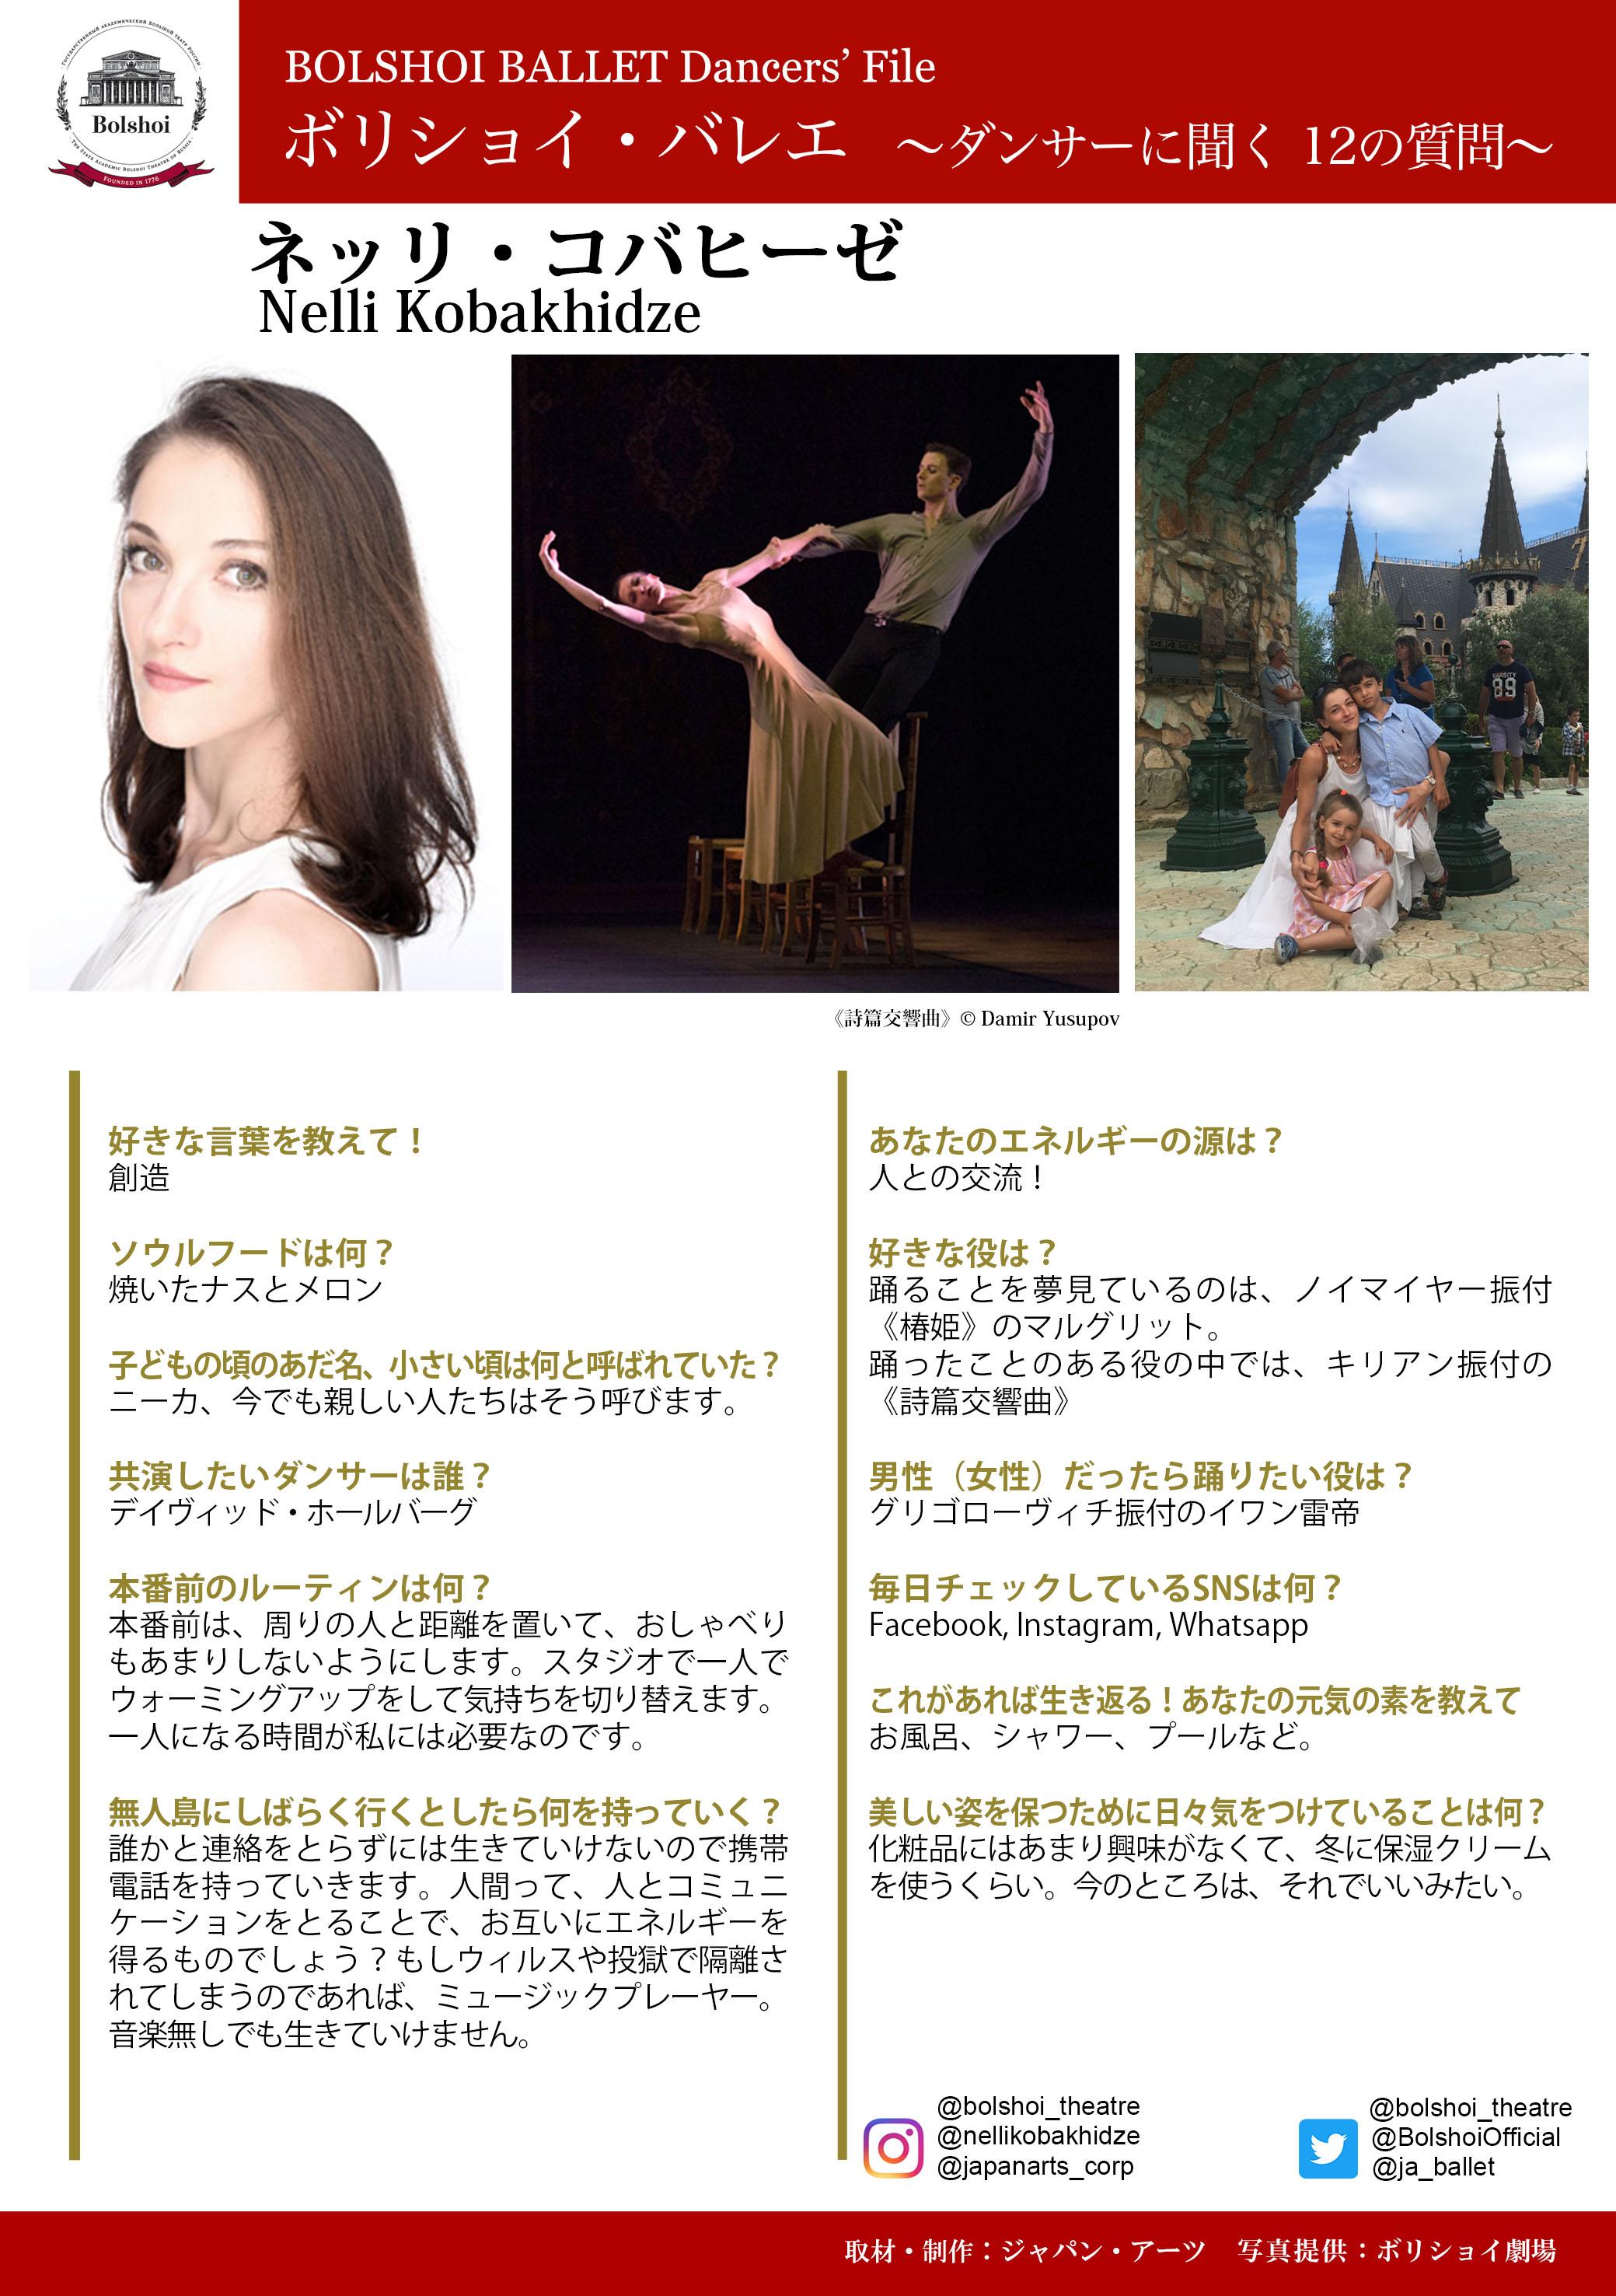 ボリショイ・バレエ 〜ダンサーに聞く 12の質問〜 vol.14 ネッリ・コバヒーゼ